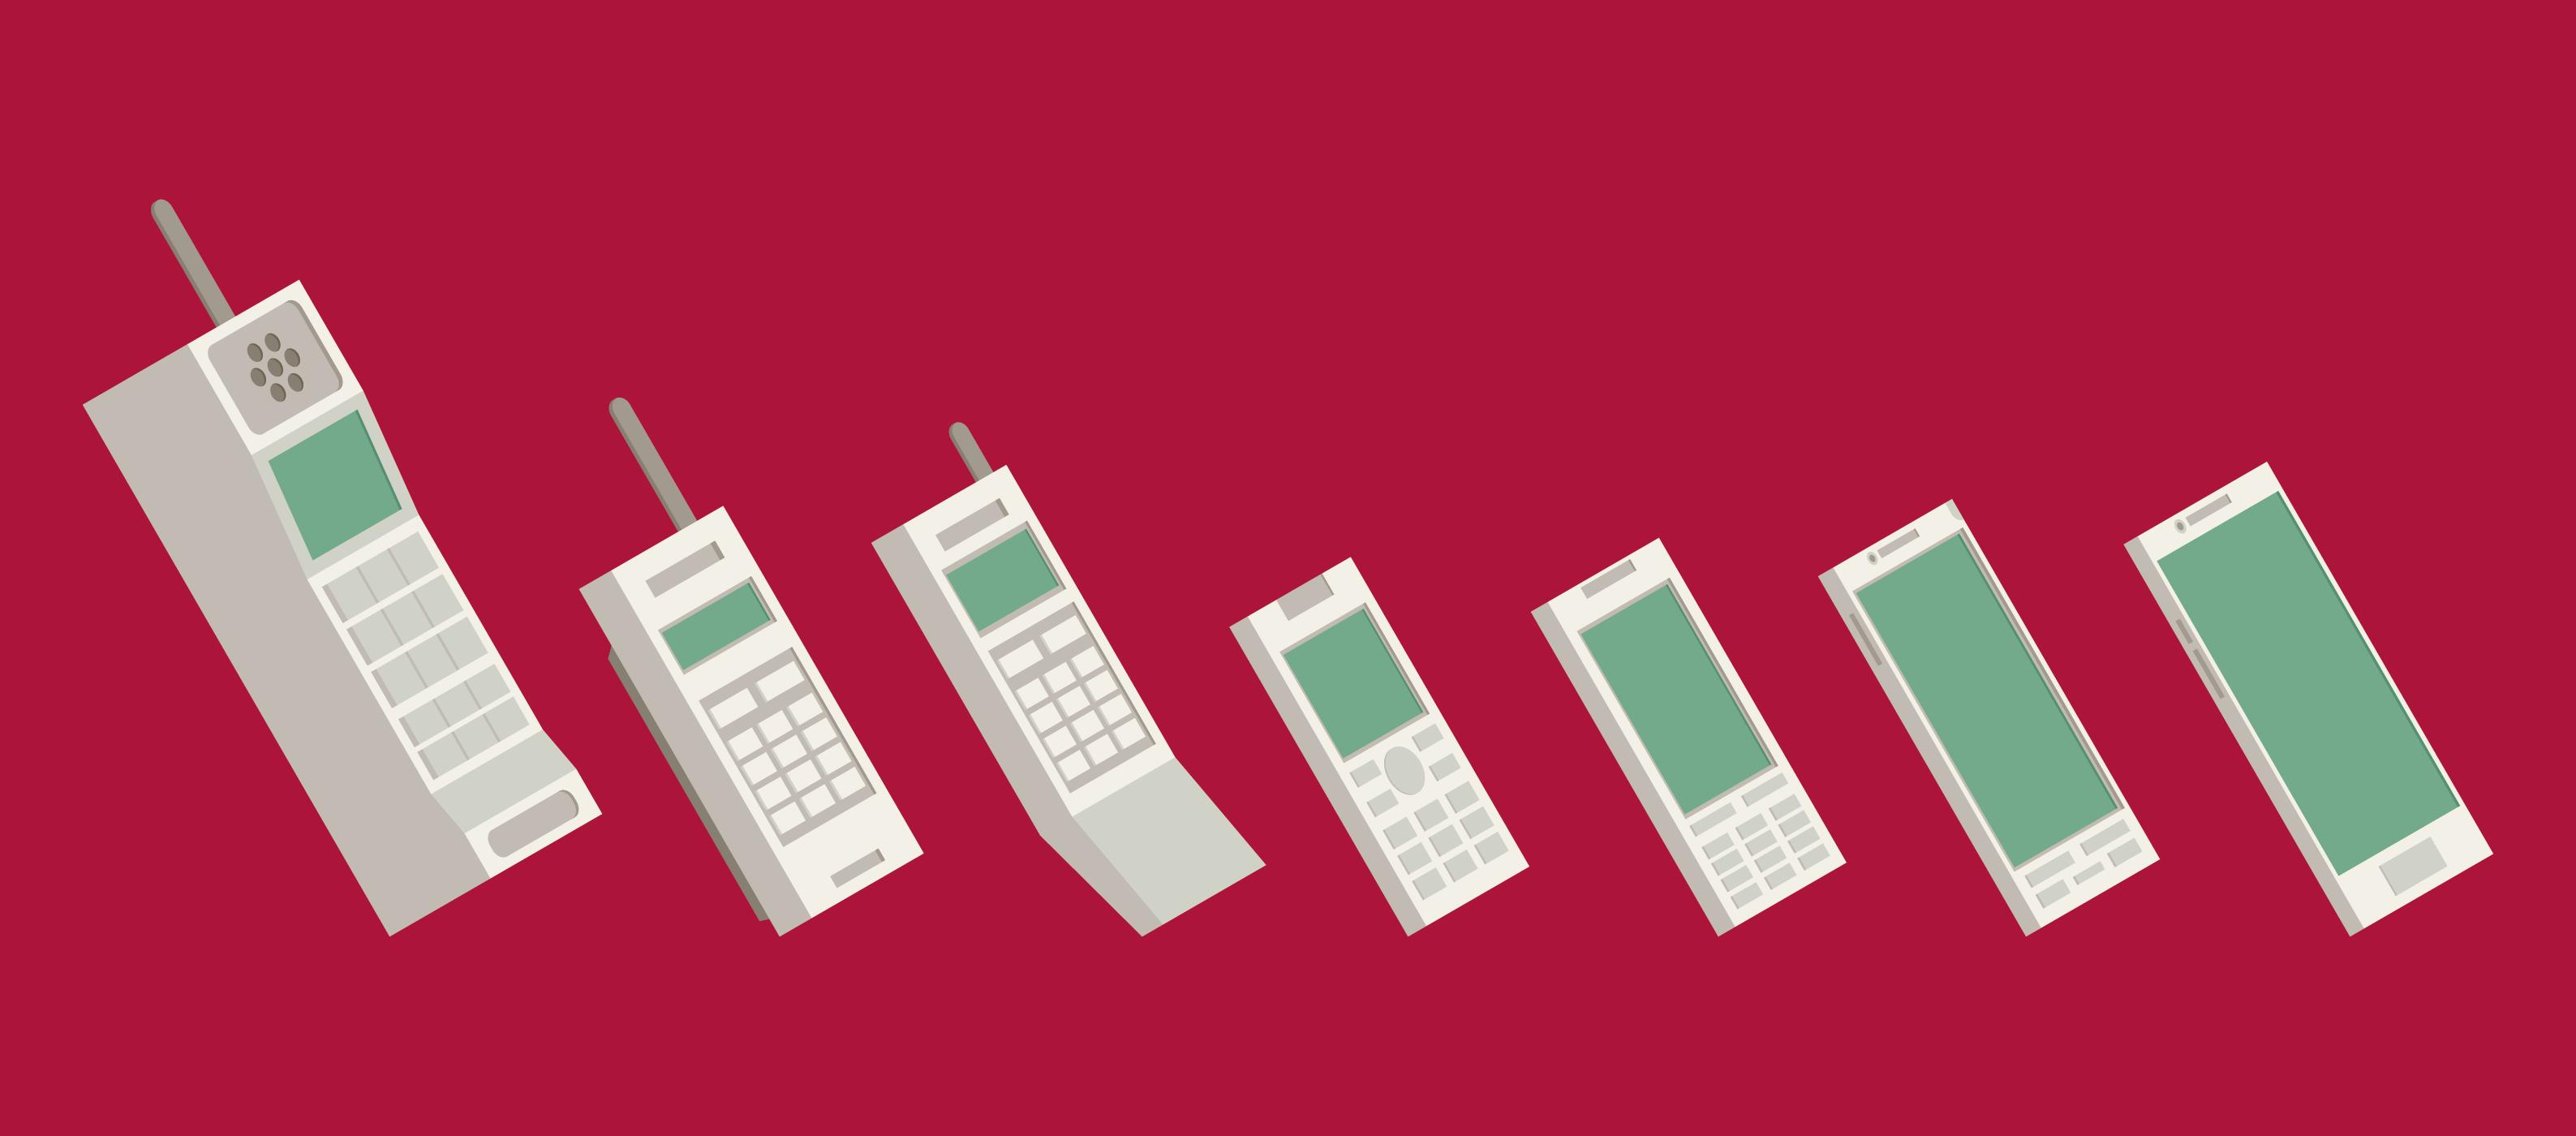 La evolución del celular como dispositivo de comunicación